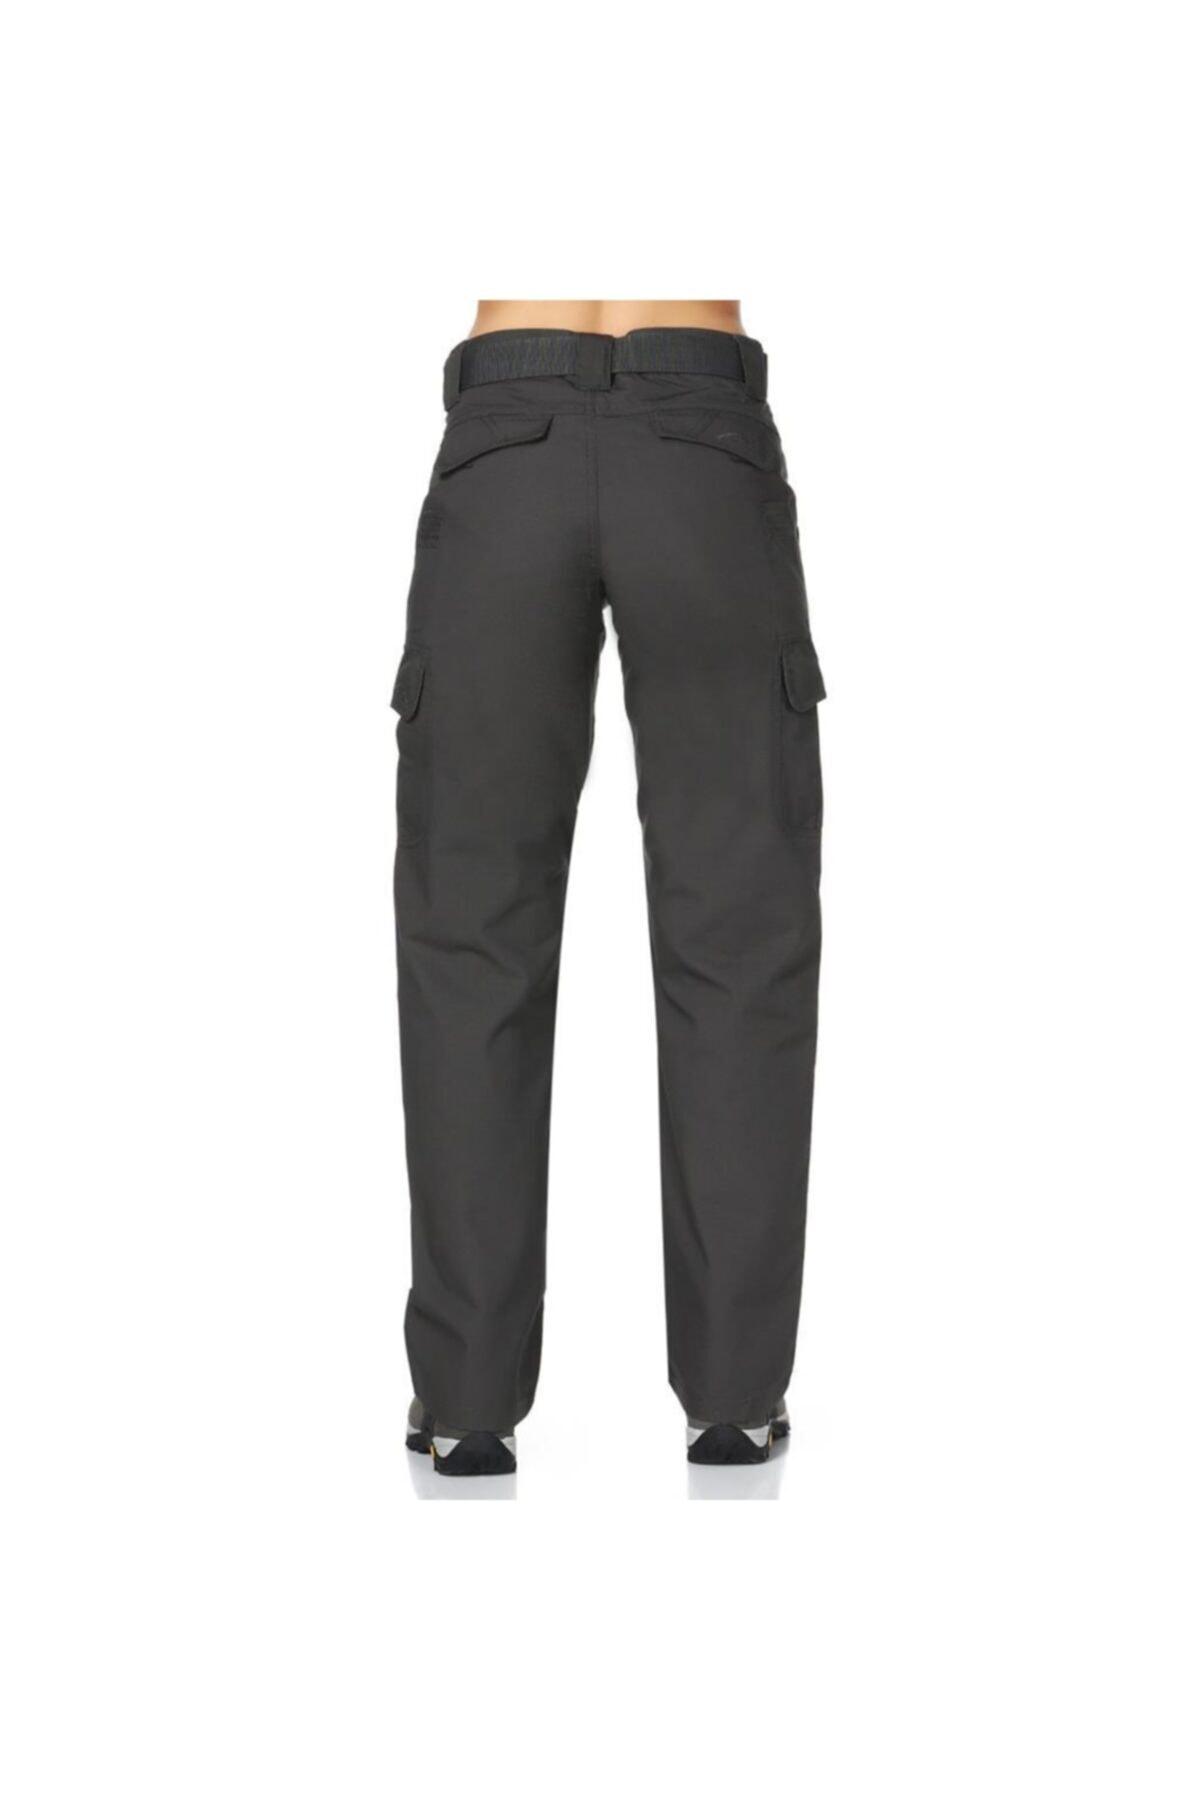 Evolite Goldrush Tactical Kadın Pantolon-Antarasit 2